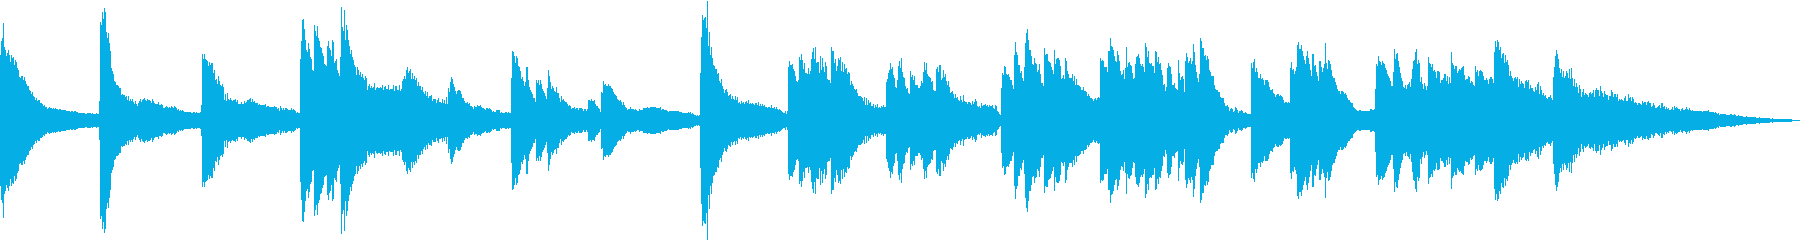 雨や雪が静かに降るイメージ(ピアノソロ)の再生済みの波形